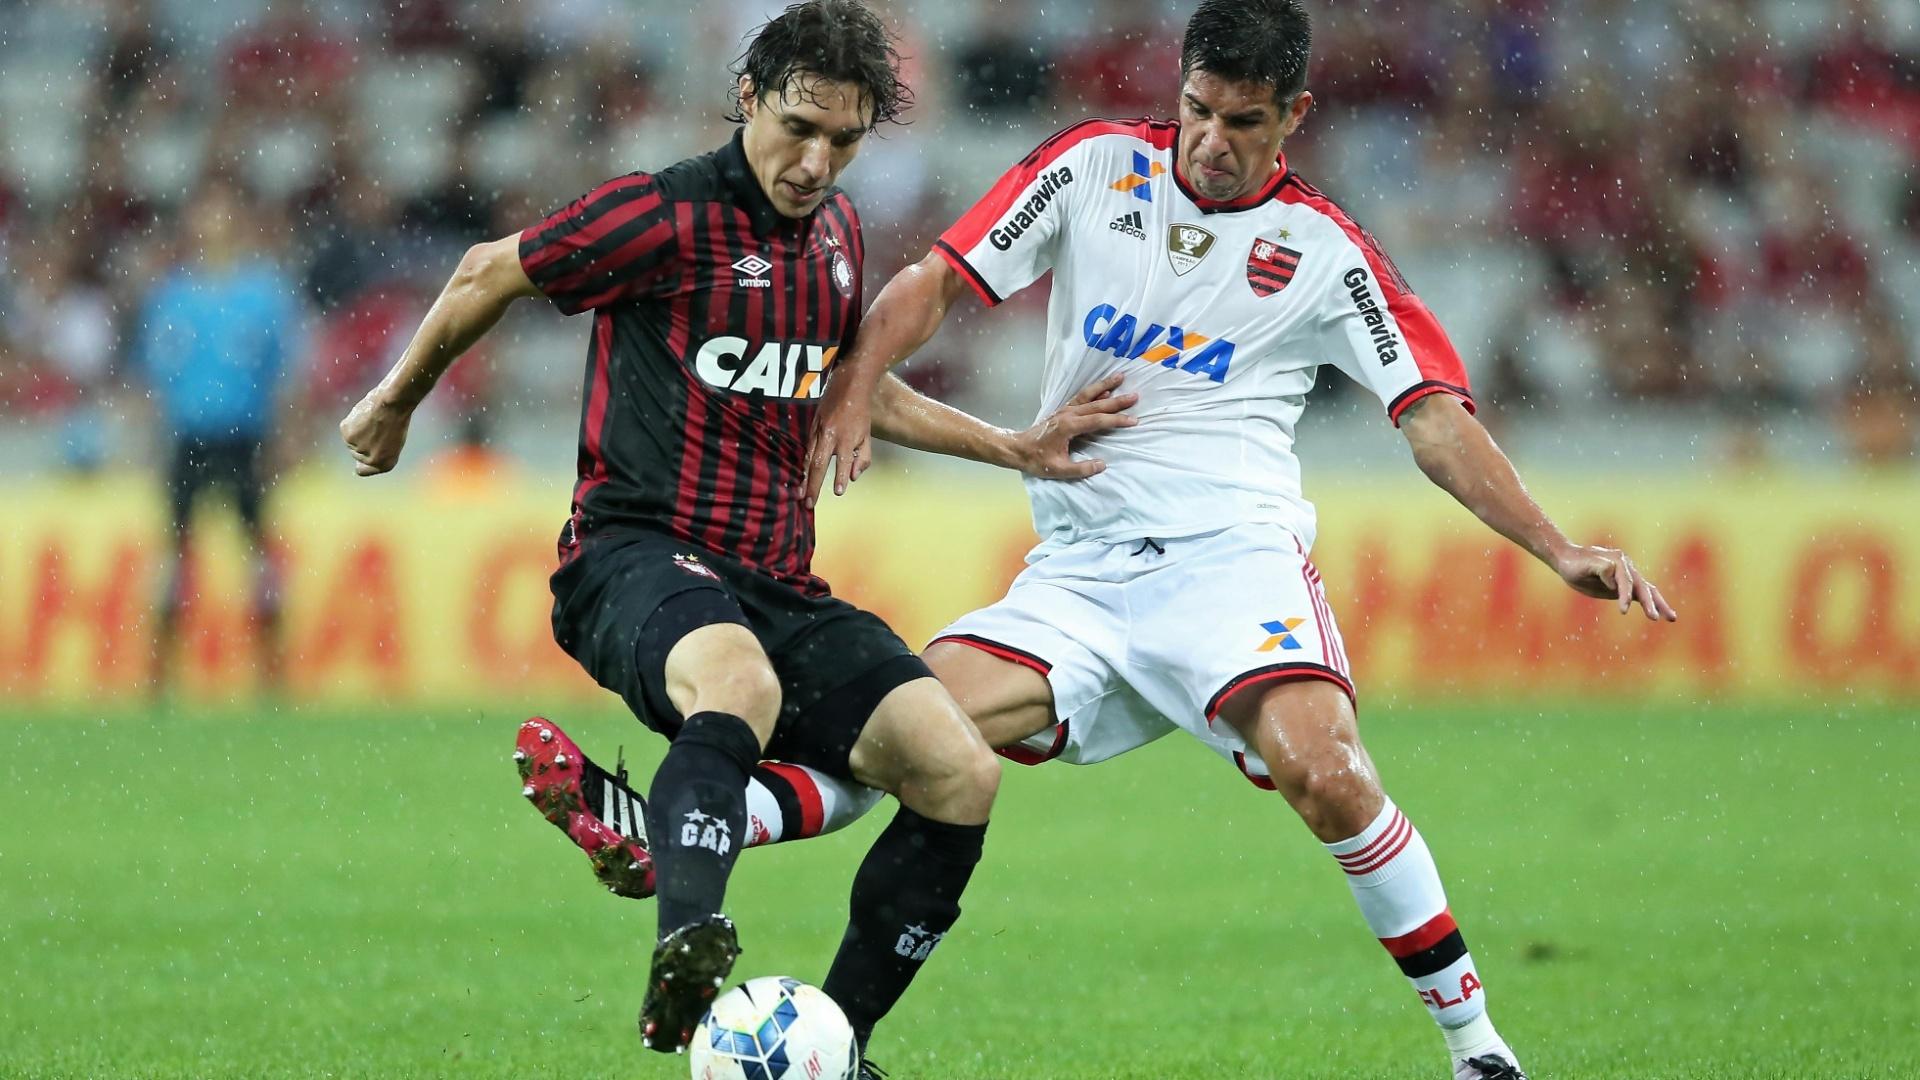 Cléo (Atlético-PR) e Victor Cáceres (Flamengo) duelam pela posse de bola